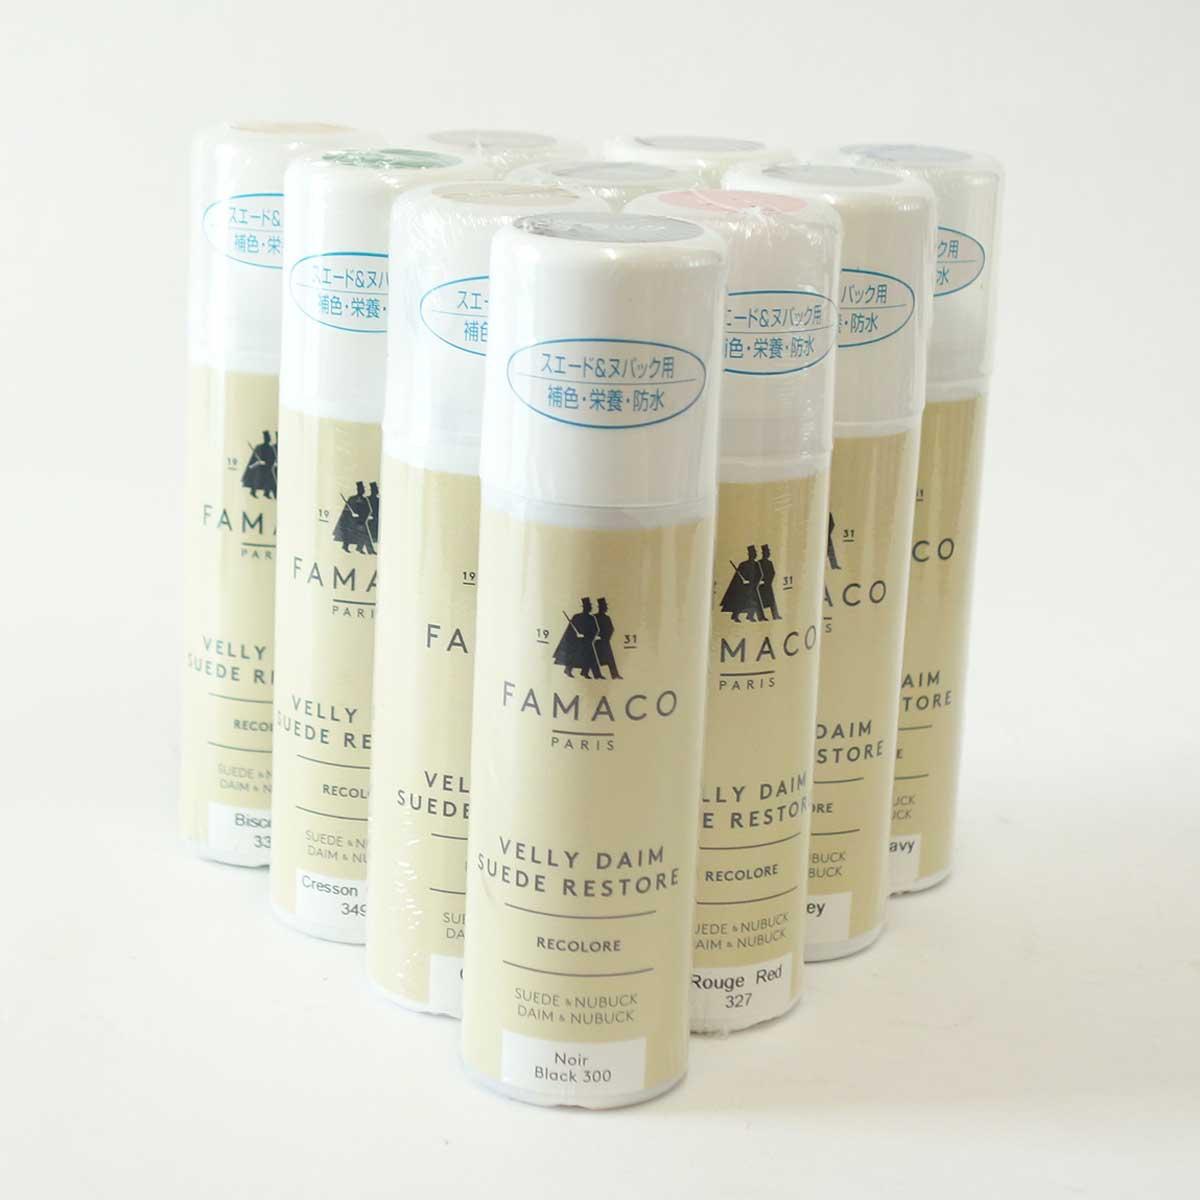 スエード・ヌバック専用補色・栄養・防水リキッドFAMACO ファマコ スエードカラーダイムリキッド